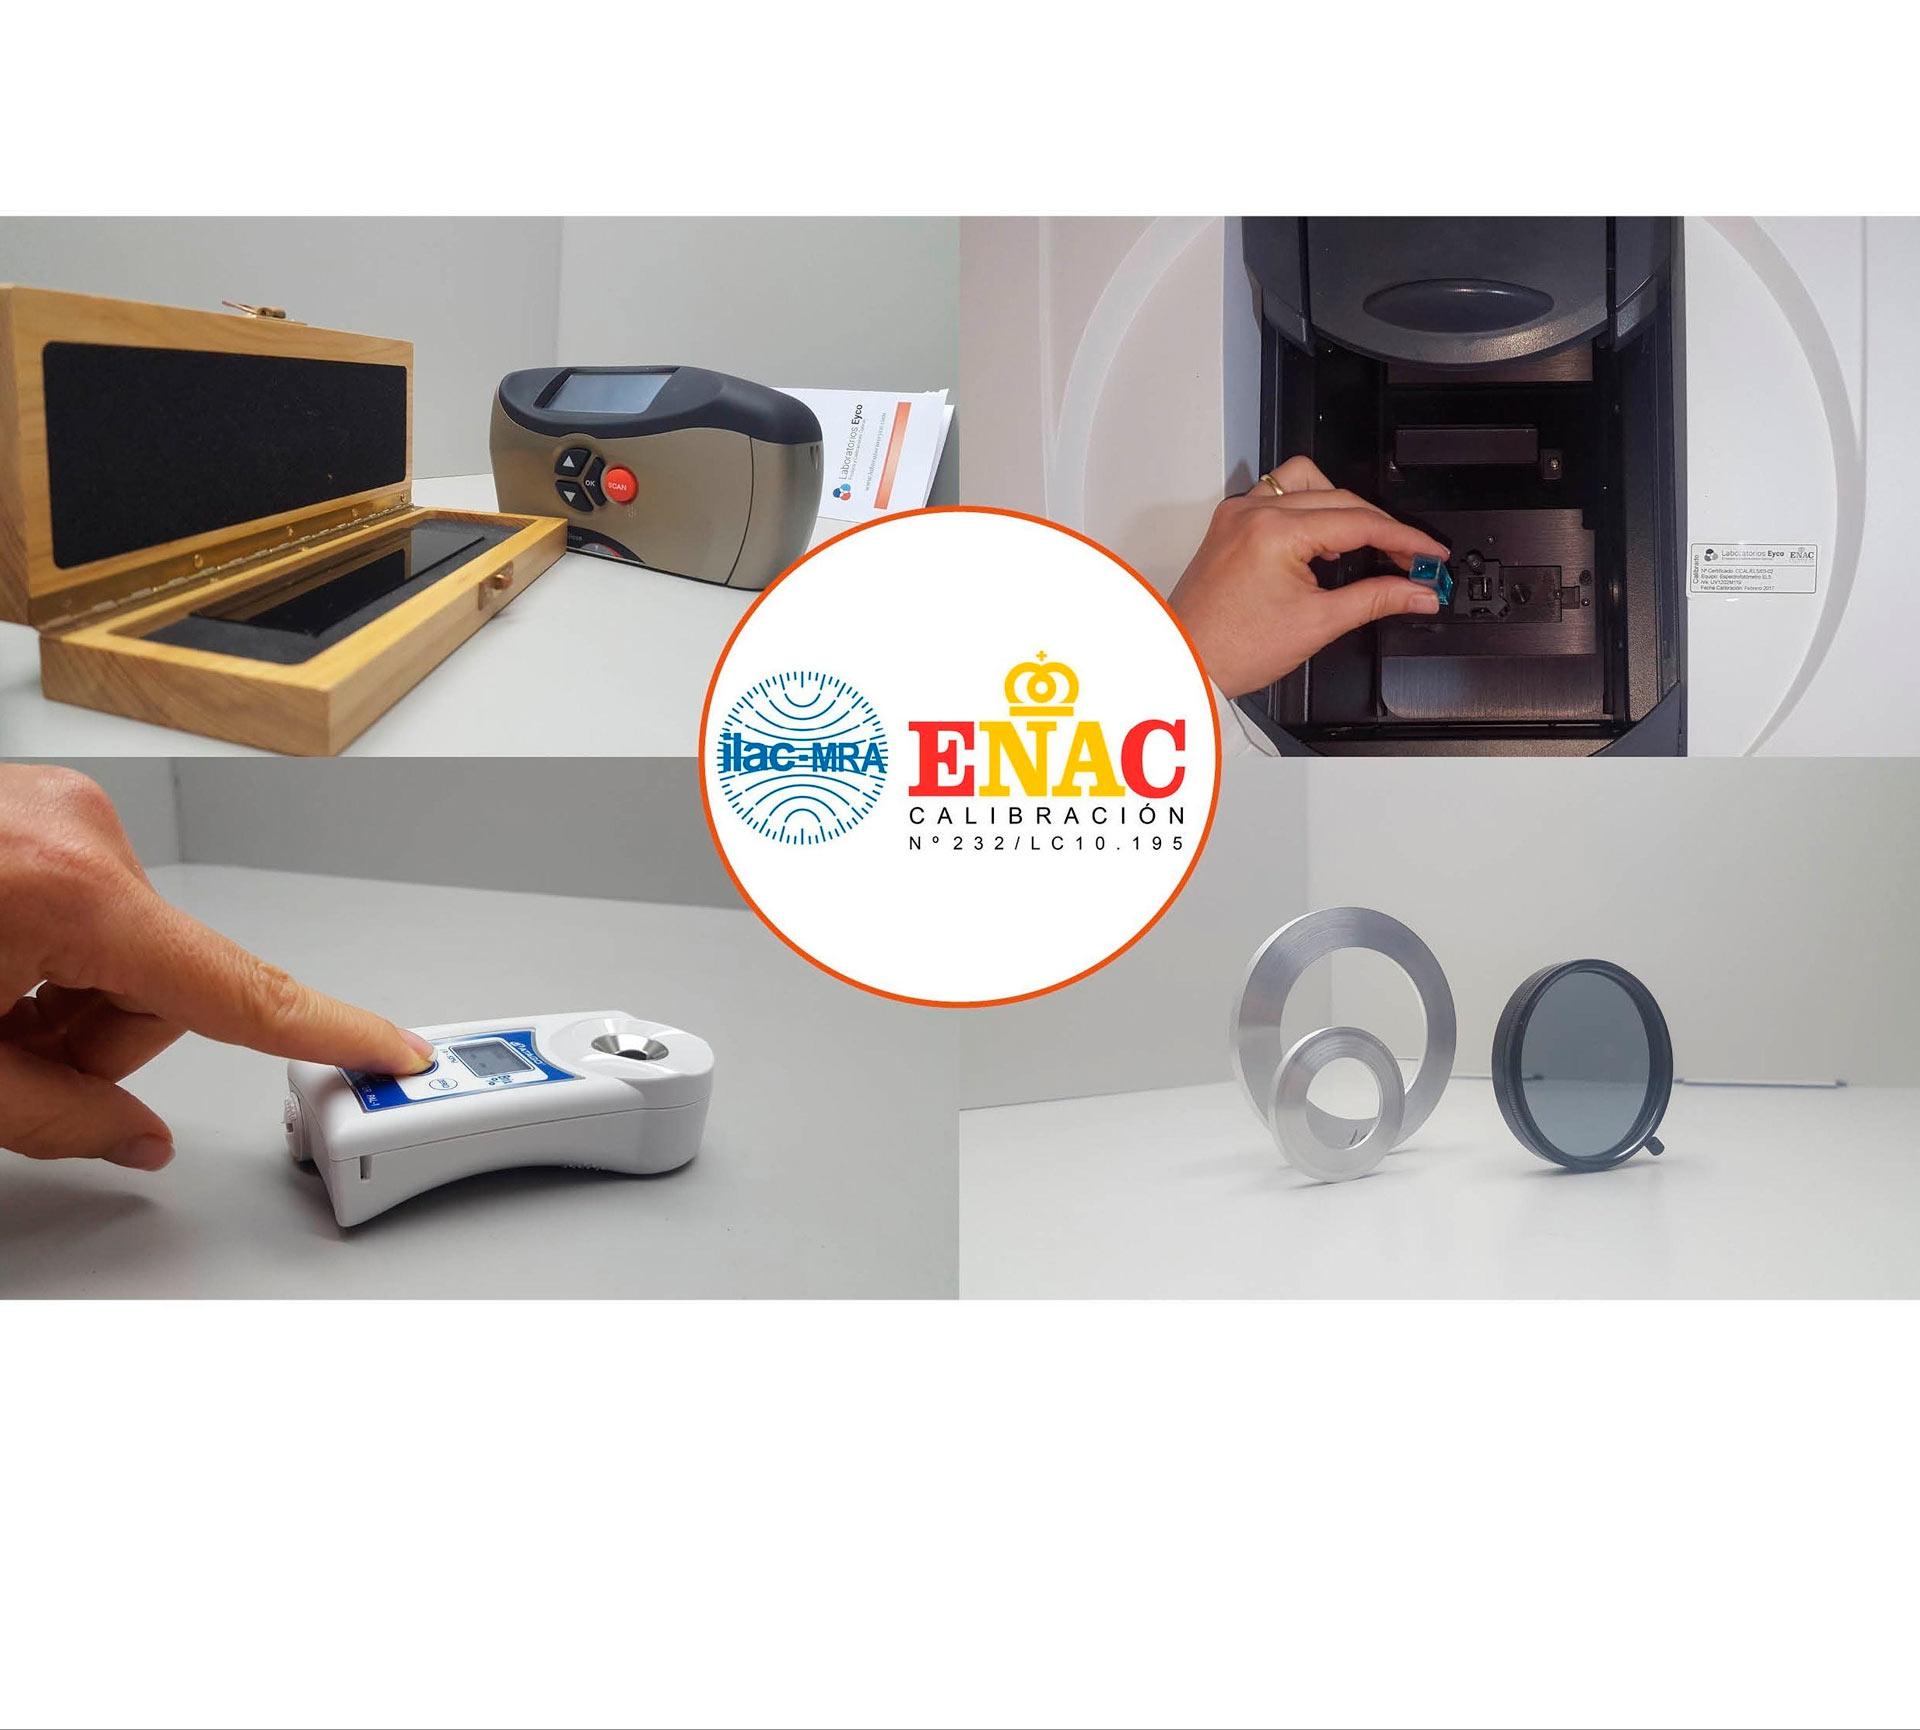 Laboratorios Eyco cuenta con la acreditación ENAC más extensa de España en el área óptica